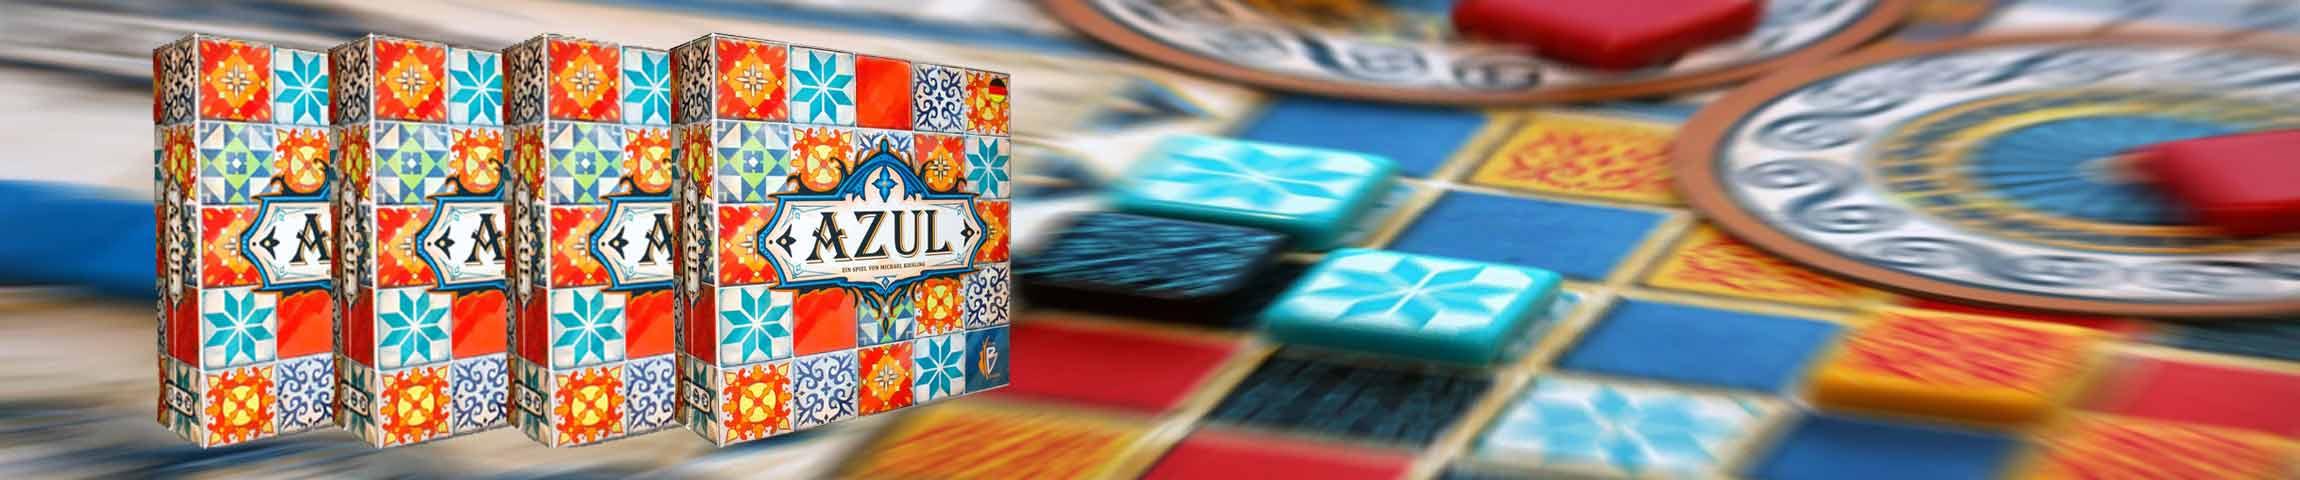 Azul - Spiel des Jahres 2018!